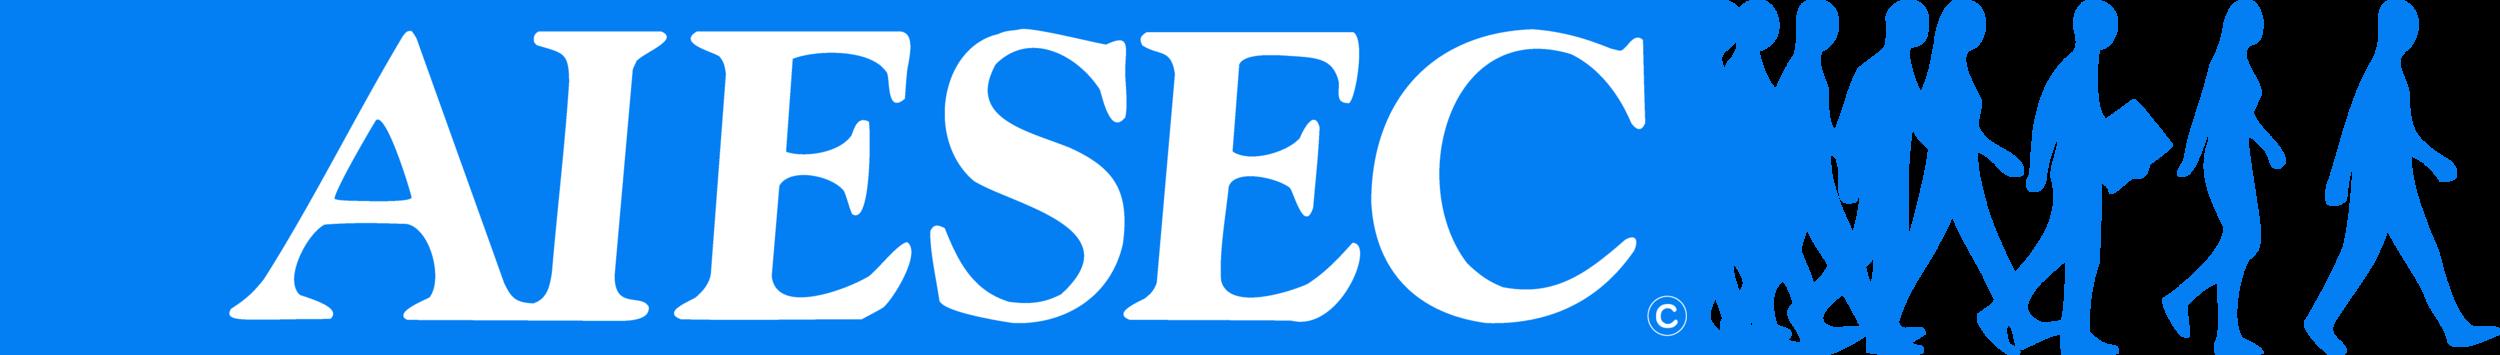 aiesec-logo-blue.png